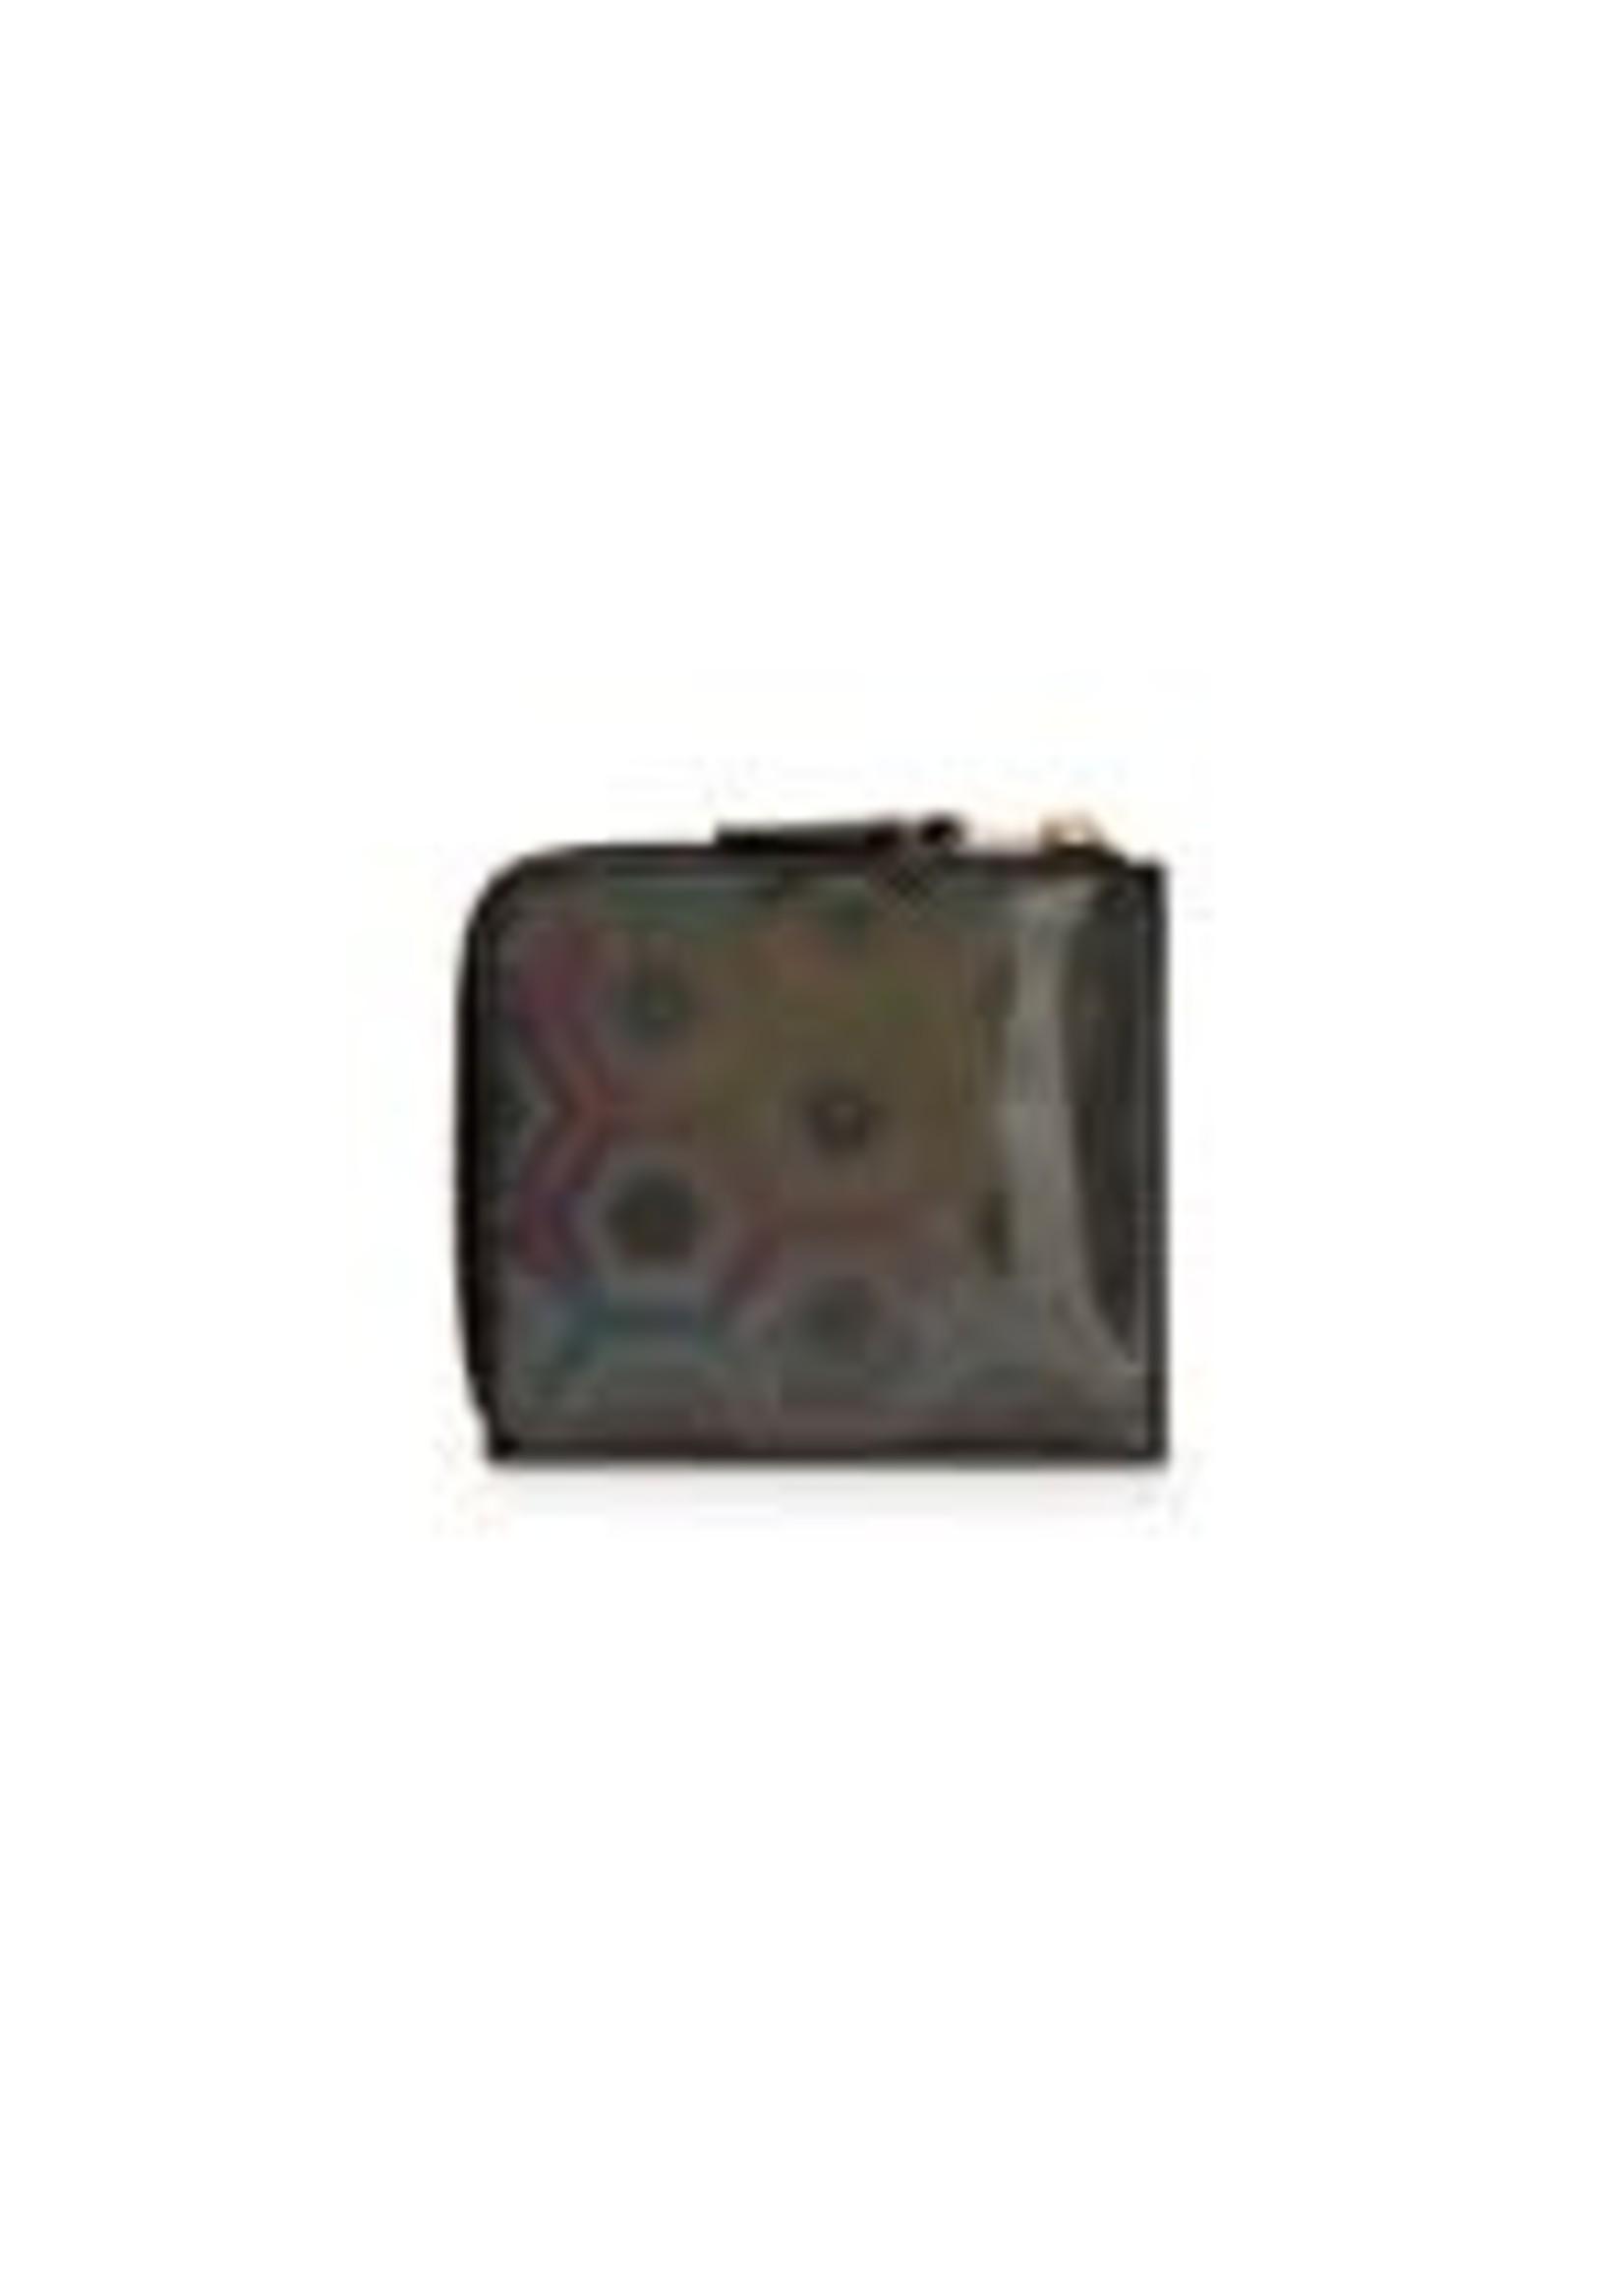 COMME des GARÇONS WALLET 1/2 zip wallet in Black Rainbow Hologram